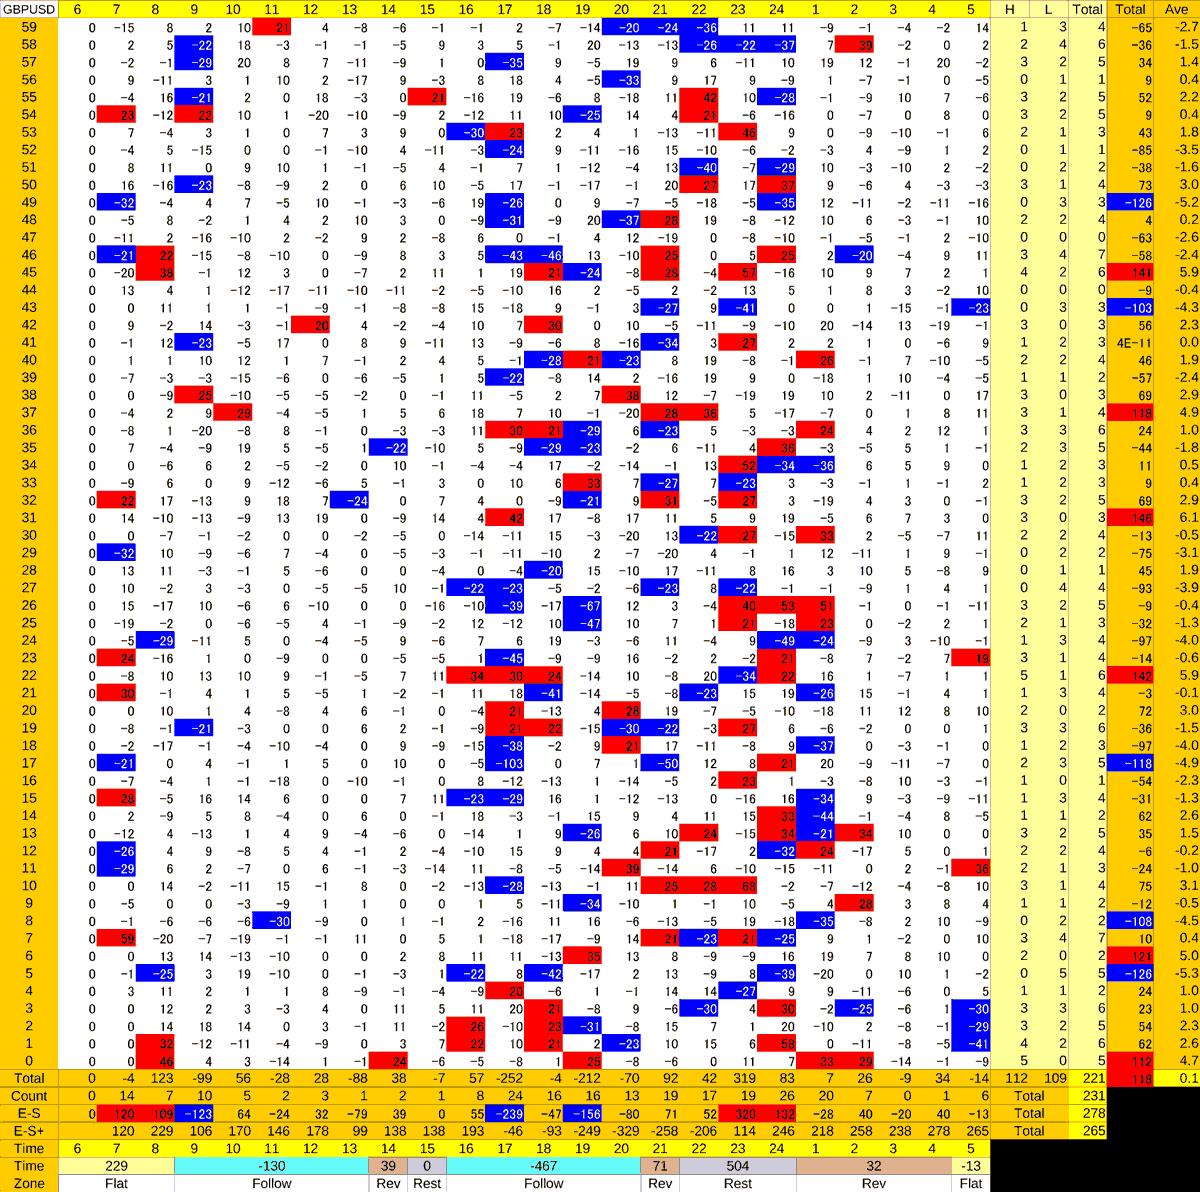 20210208_HS(2)GBPUSD